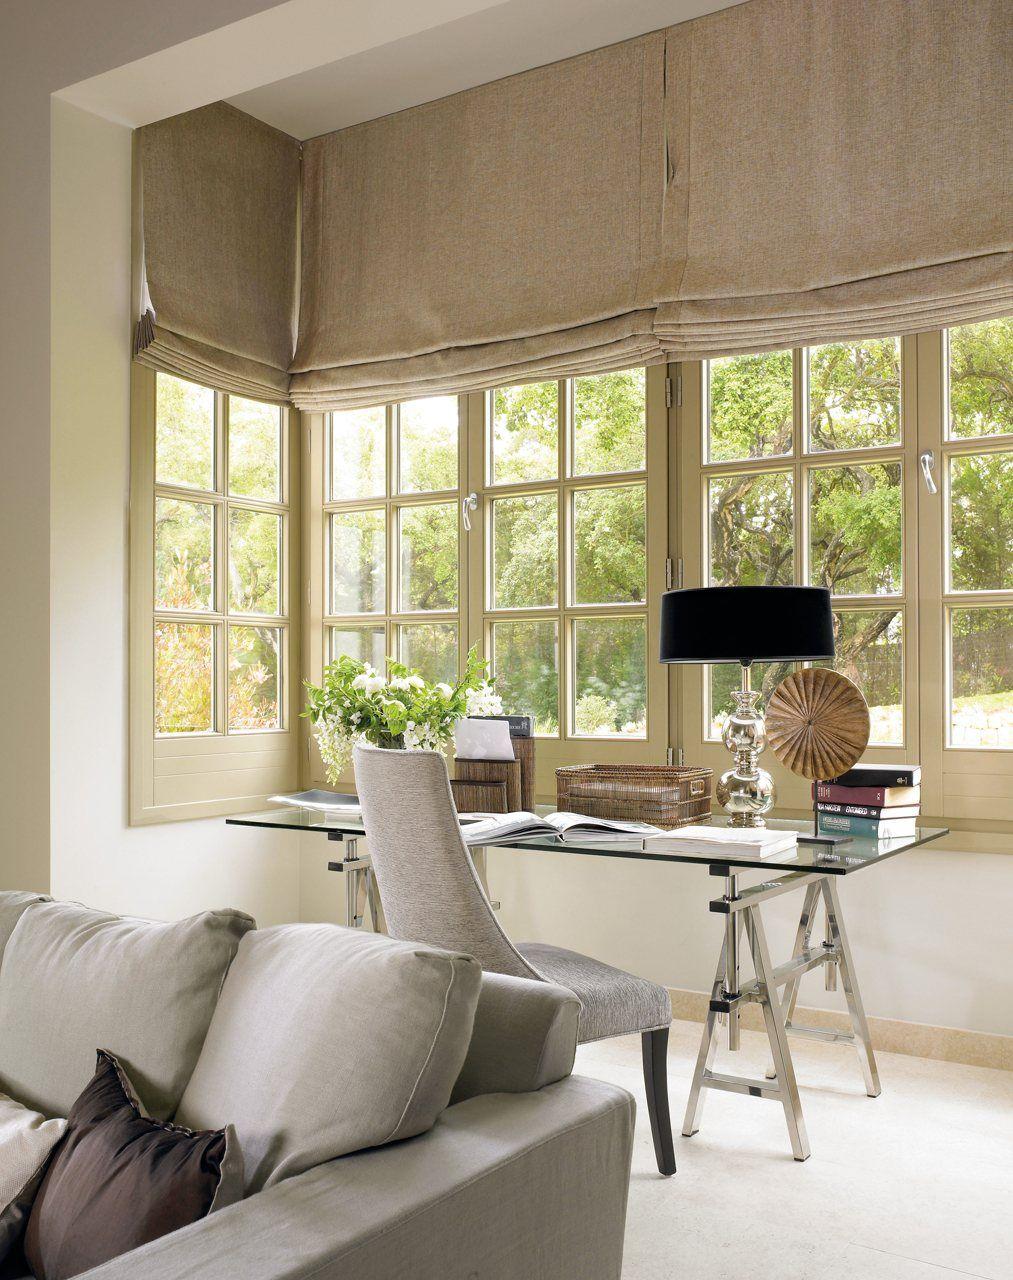 Renovar las cortinas c mo elegirlas para acertar for Cortinas estores salon